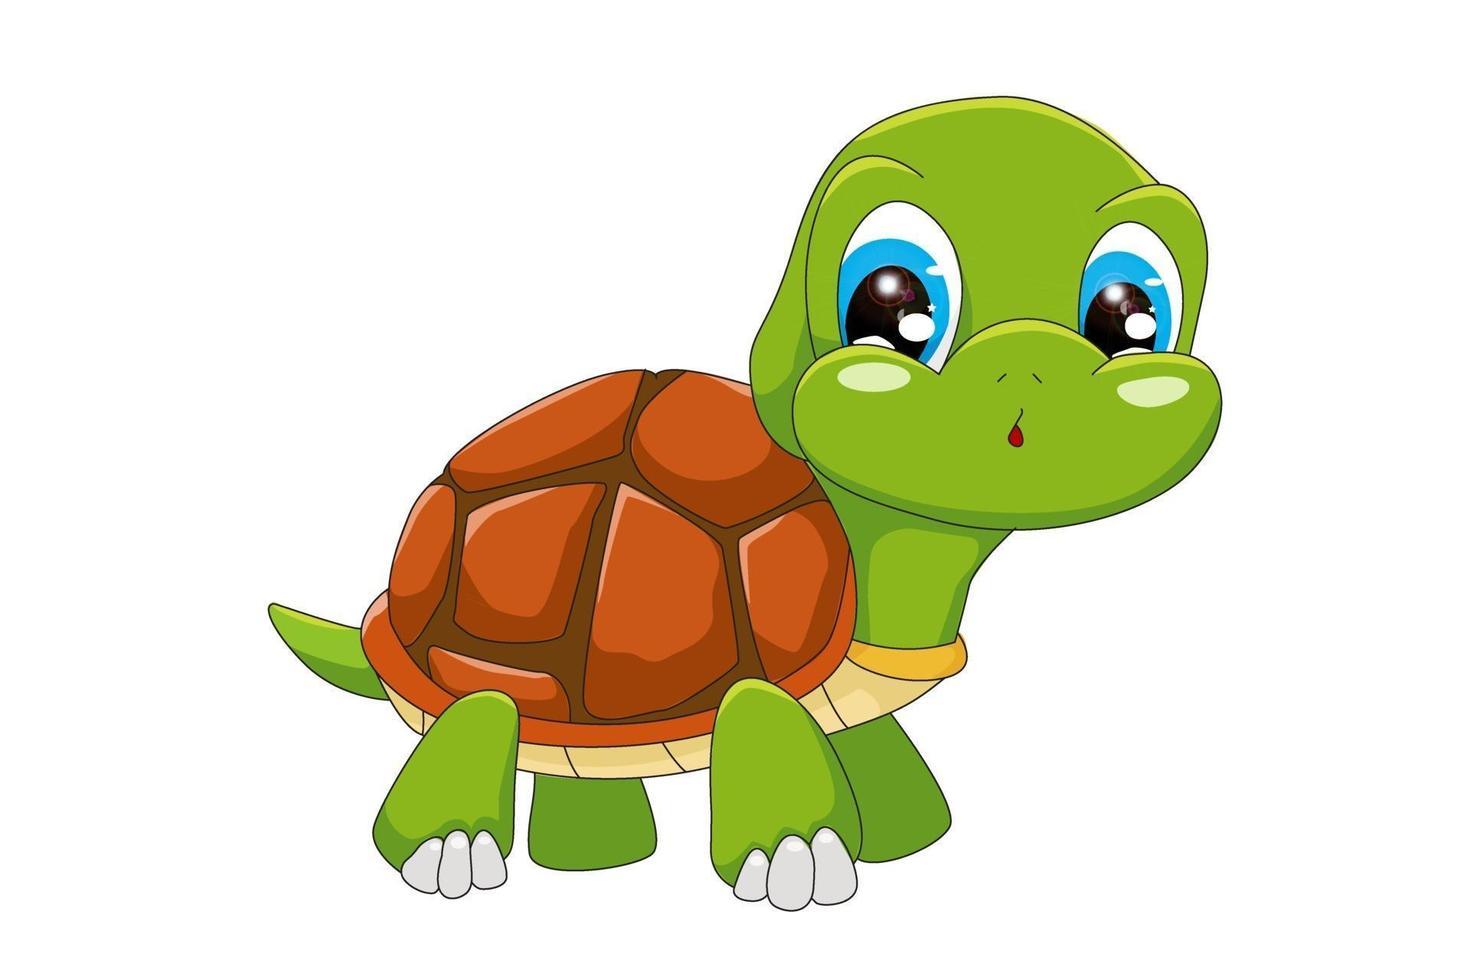 uma pequena tartaruga bebê fofa com olhos azuis, desenho animal cartoon ilustração vetorial vetor